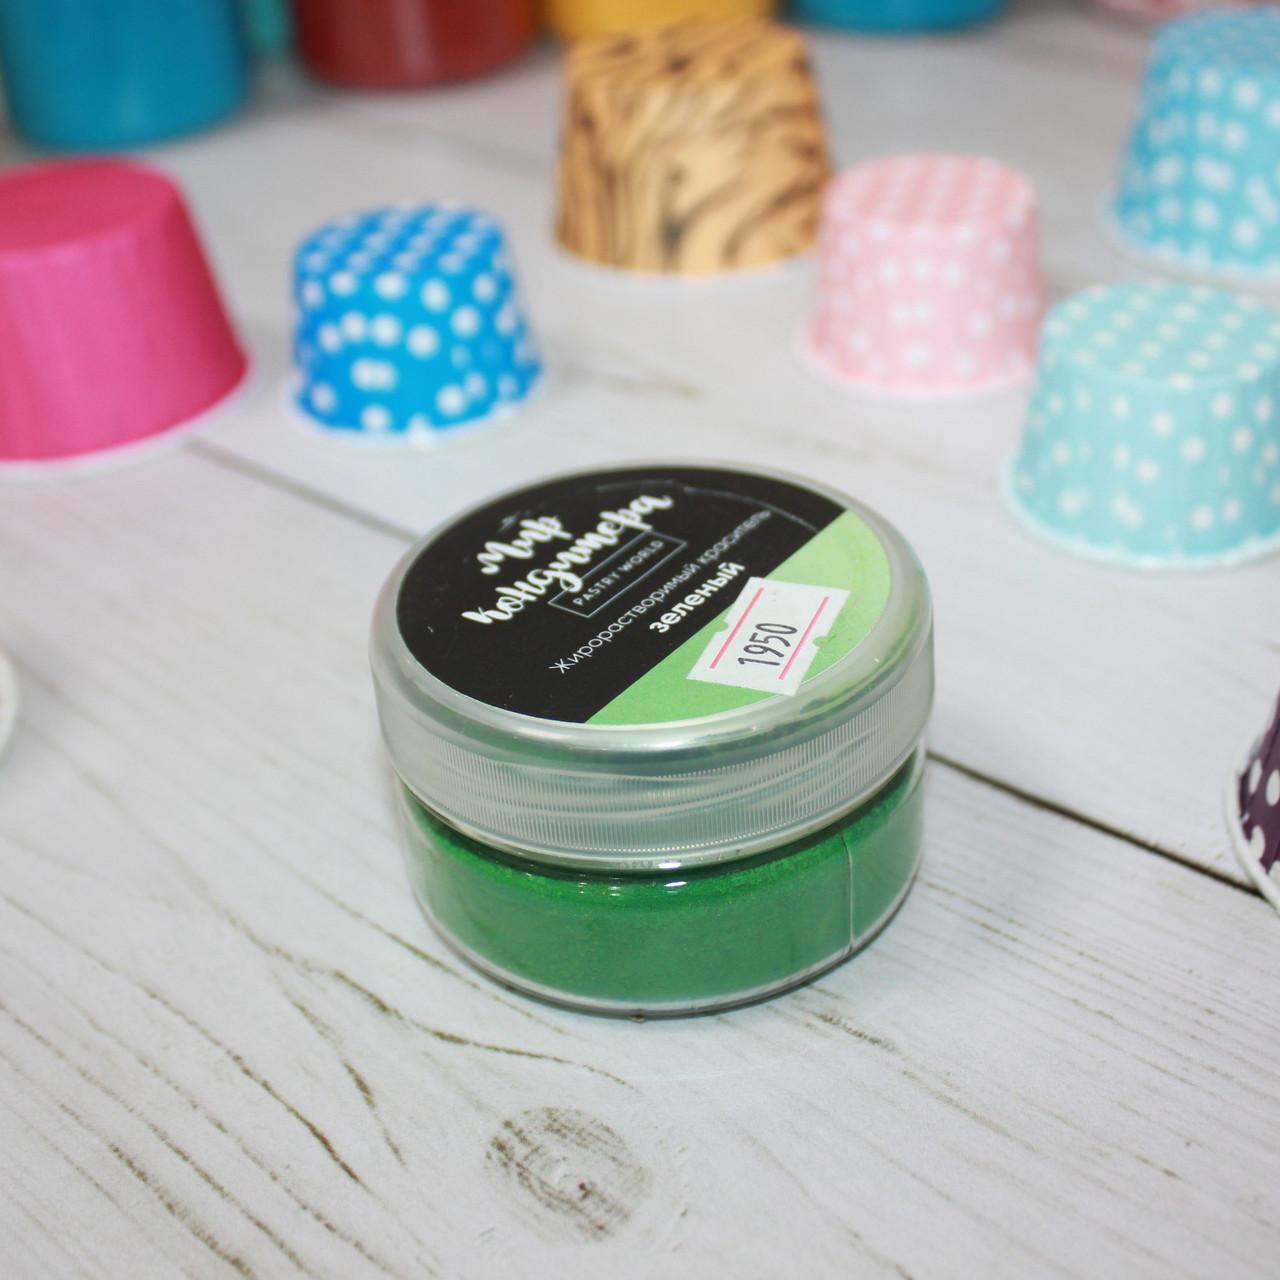 Жирорастворимый краситель Мир кондитера зеленый